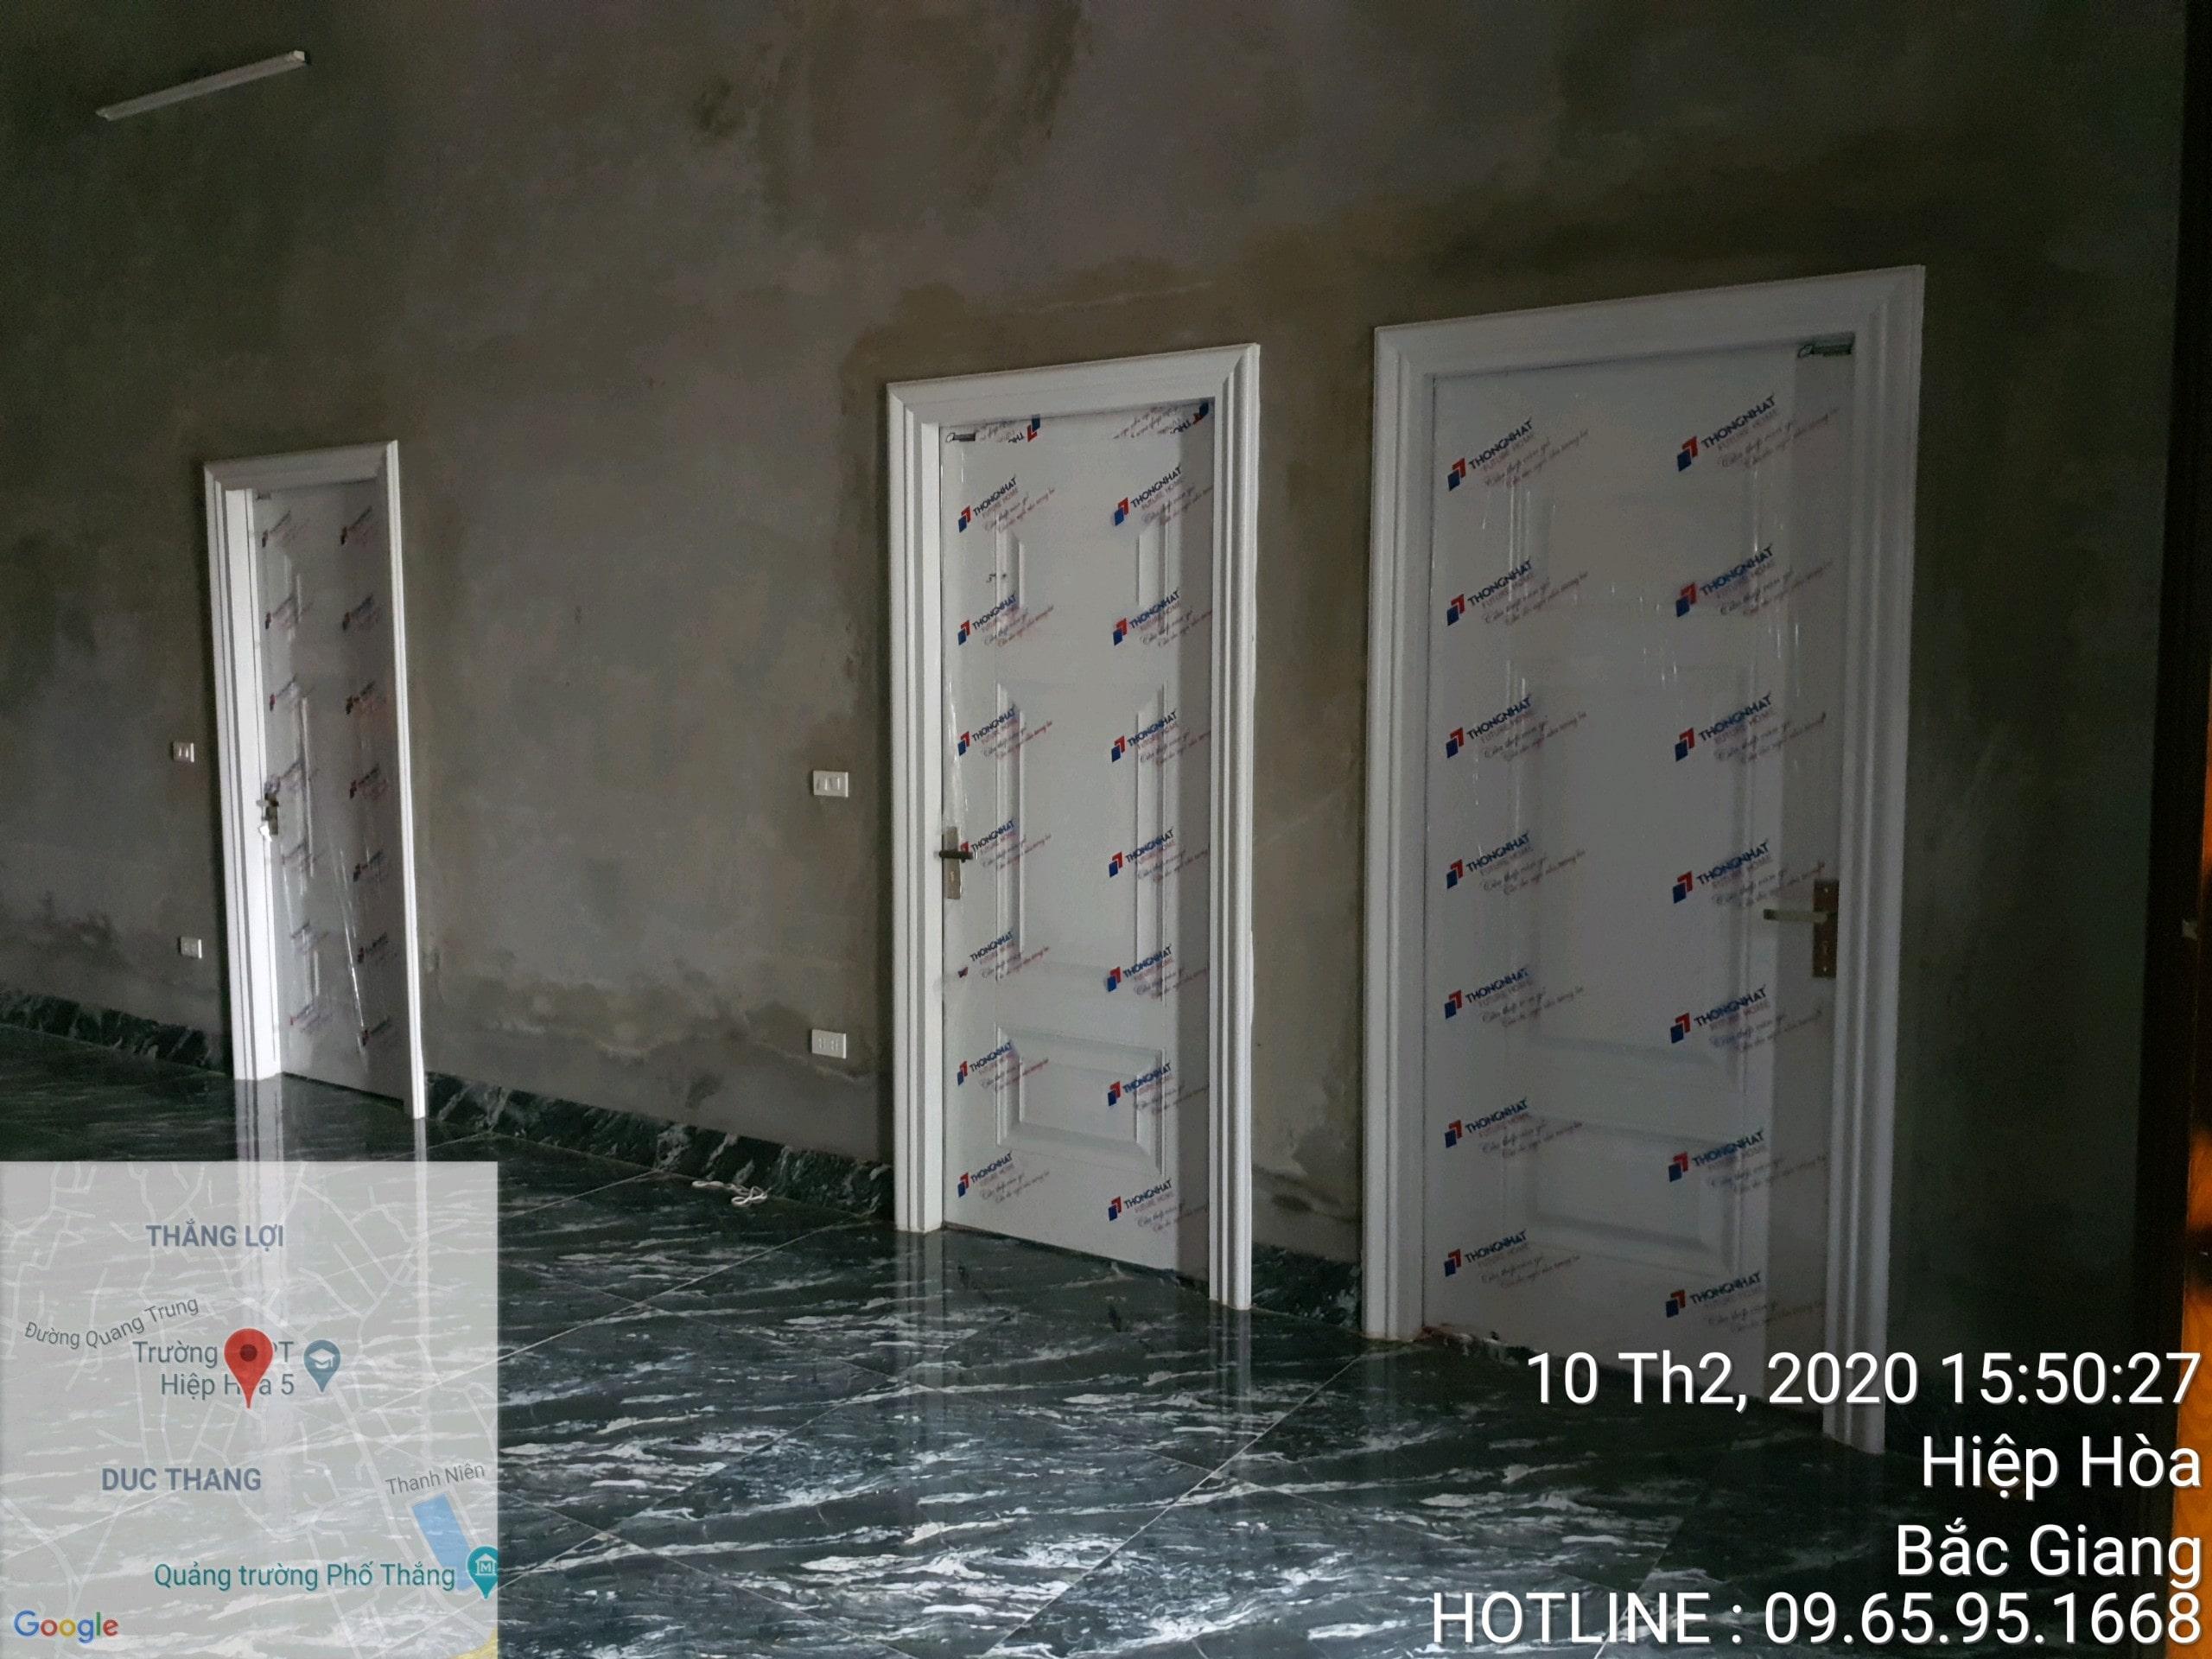 Bàn giao công trình cửa thép vân gỗ hiện đại tại Đức Thịnh, Hiệp Hòa